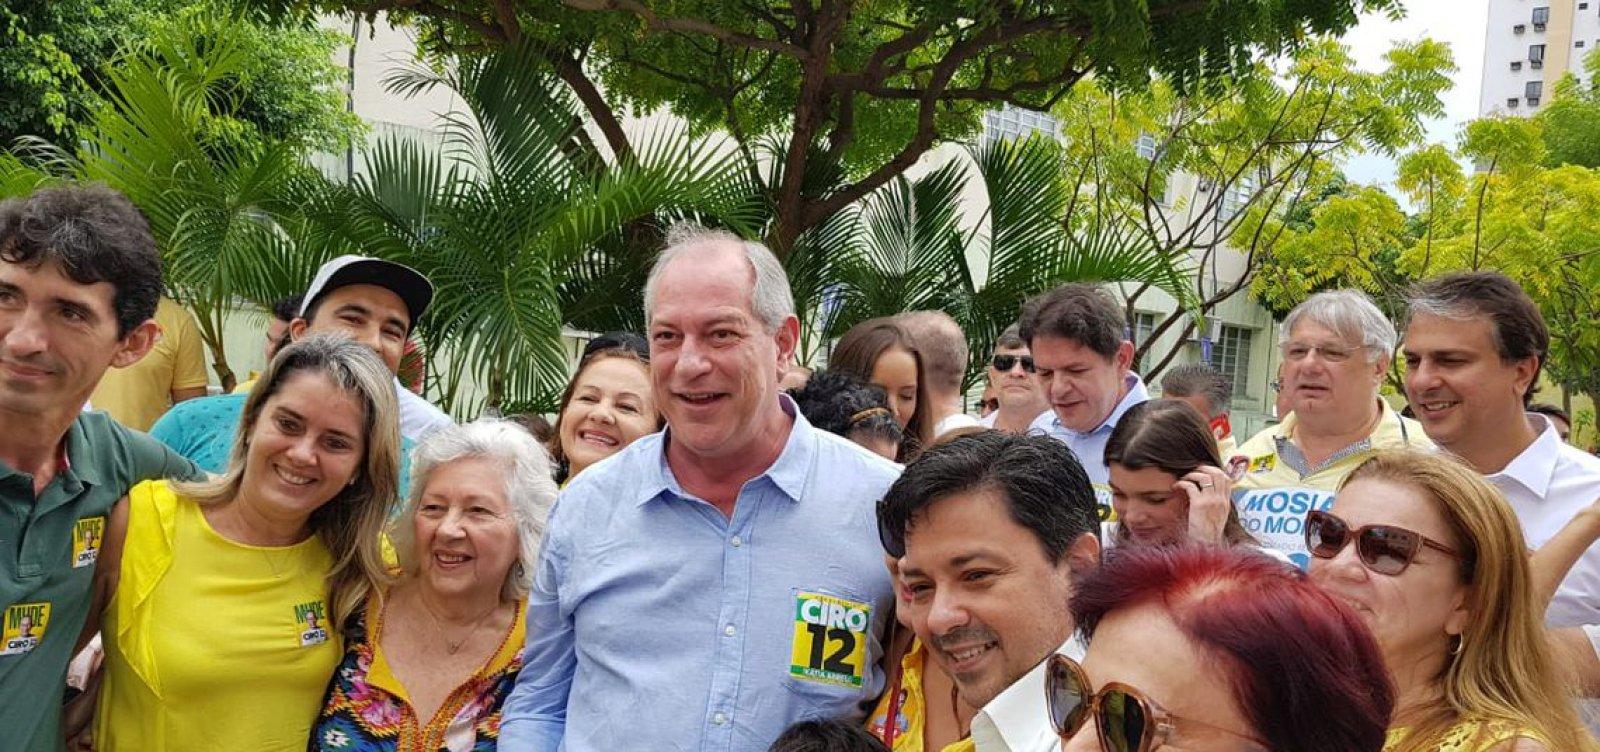 [Ciro diz acreditar em virada na reta final e critica Bolsonaro]